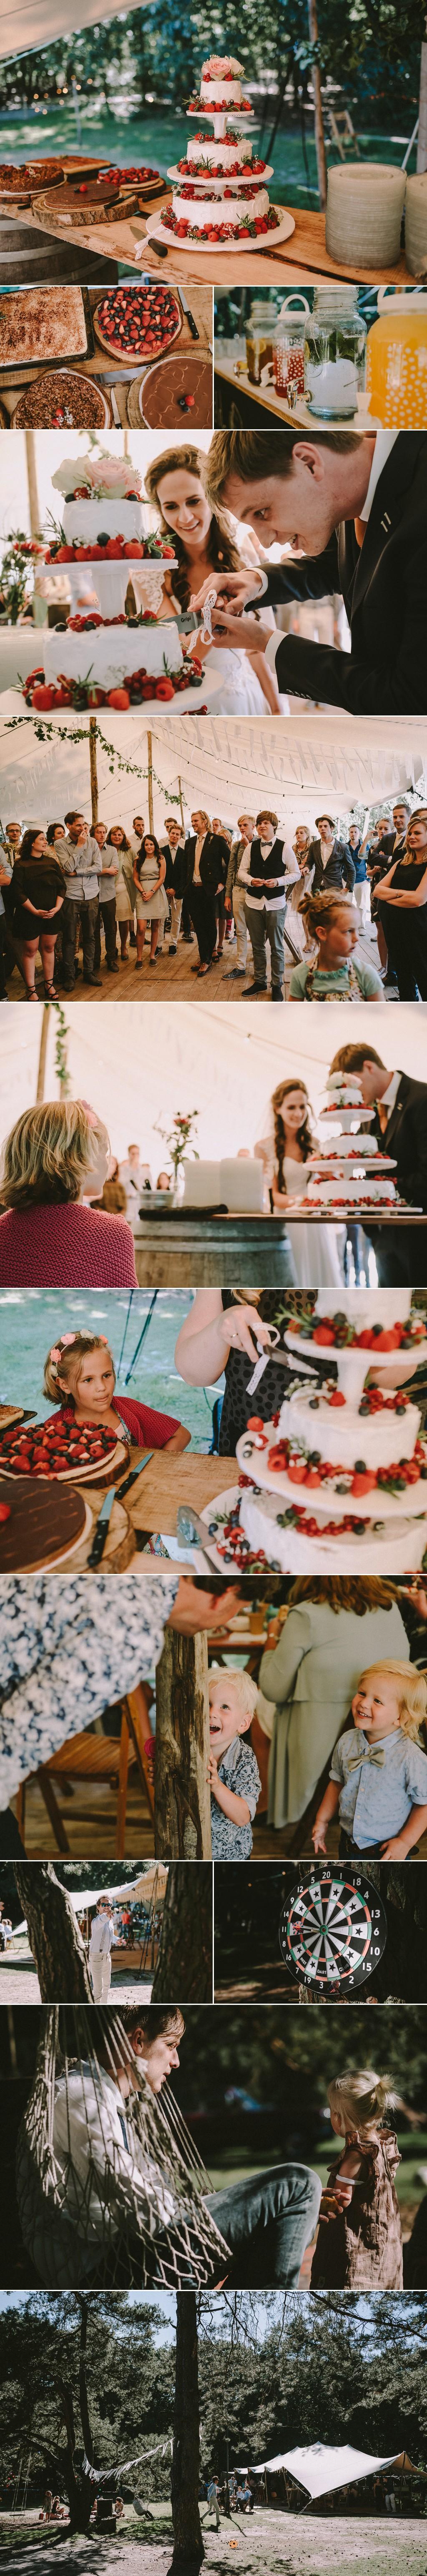 fotografie-steef-utama-te-leuk-trouwen-nunspeet-rotterdam-trouwen-in-het-bos-05